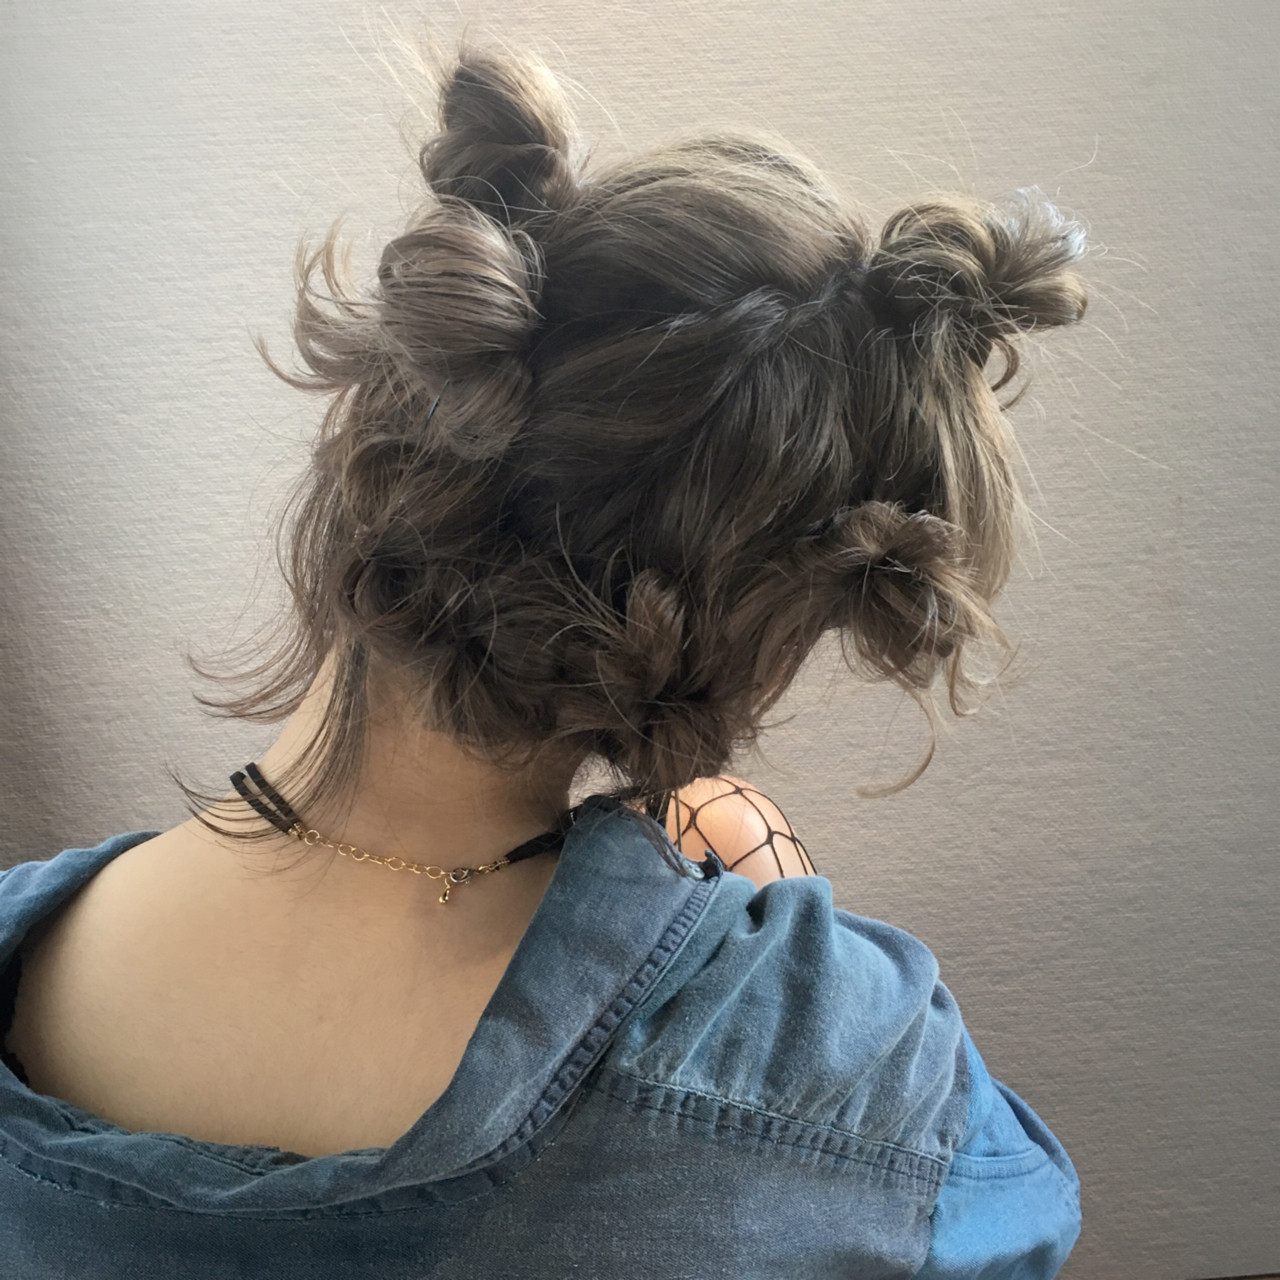 フェミニン ボブ ヘアアレンジ 夏 ヘアスタイルや髪型の写真・画像